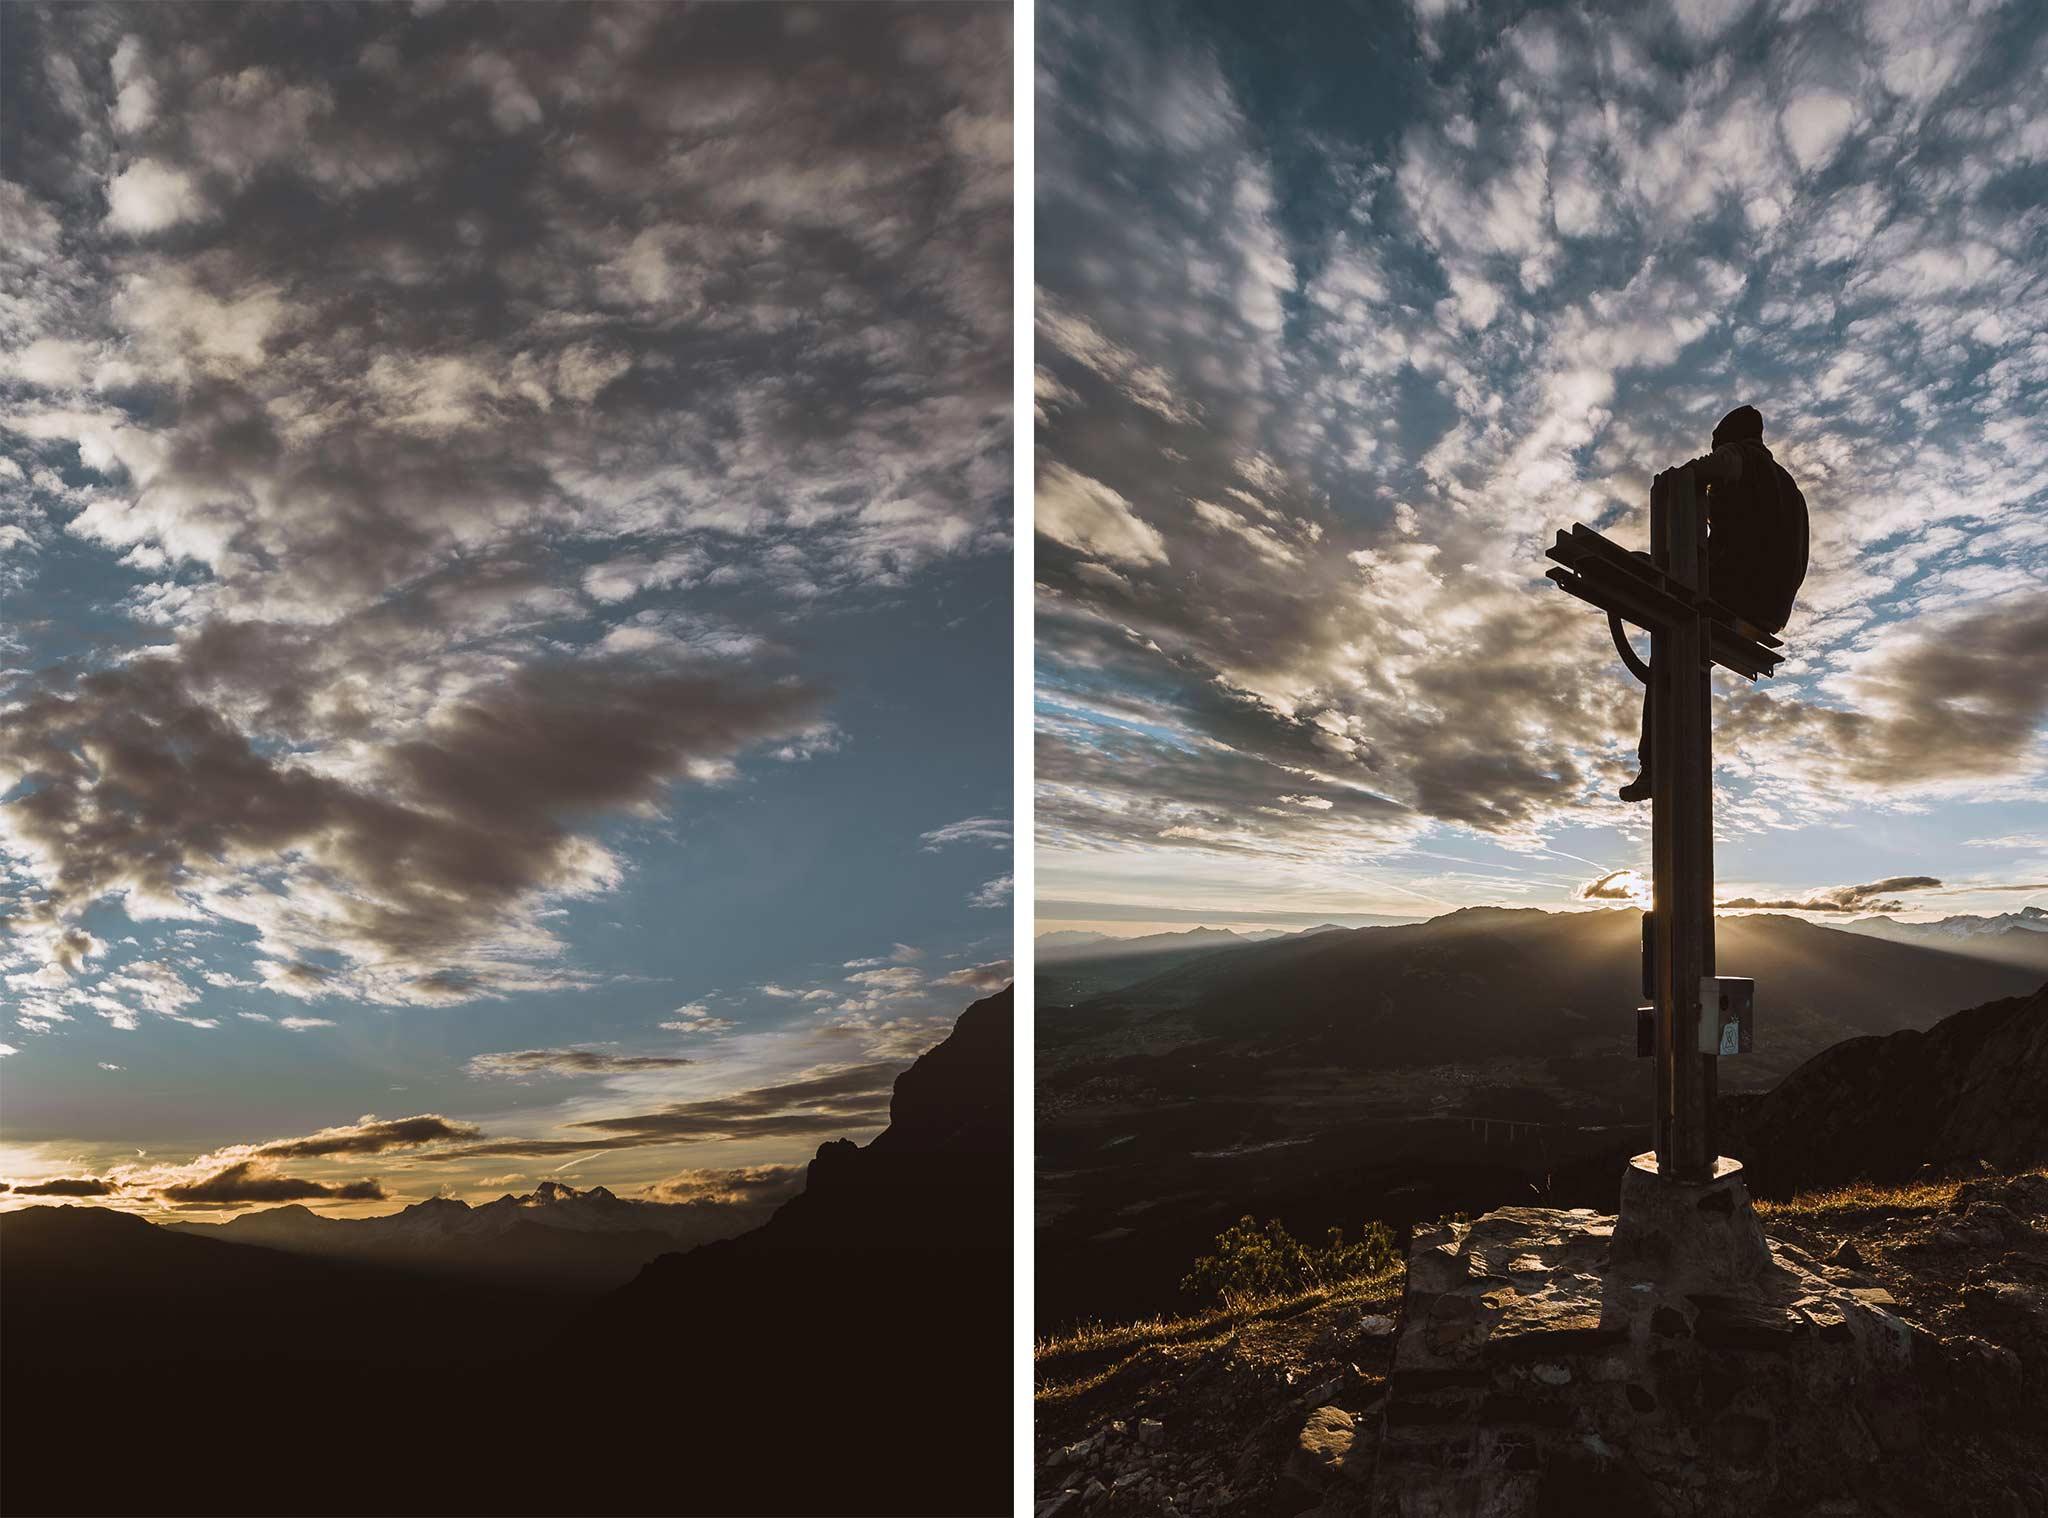 Location: Innsbruck - Foto: Jörg Angeli